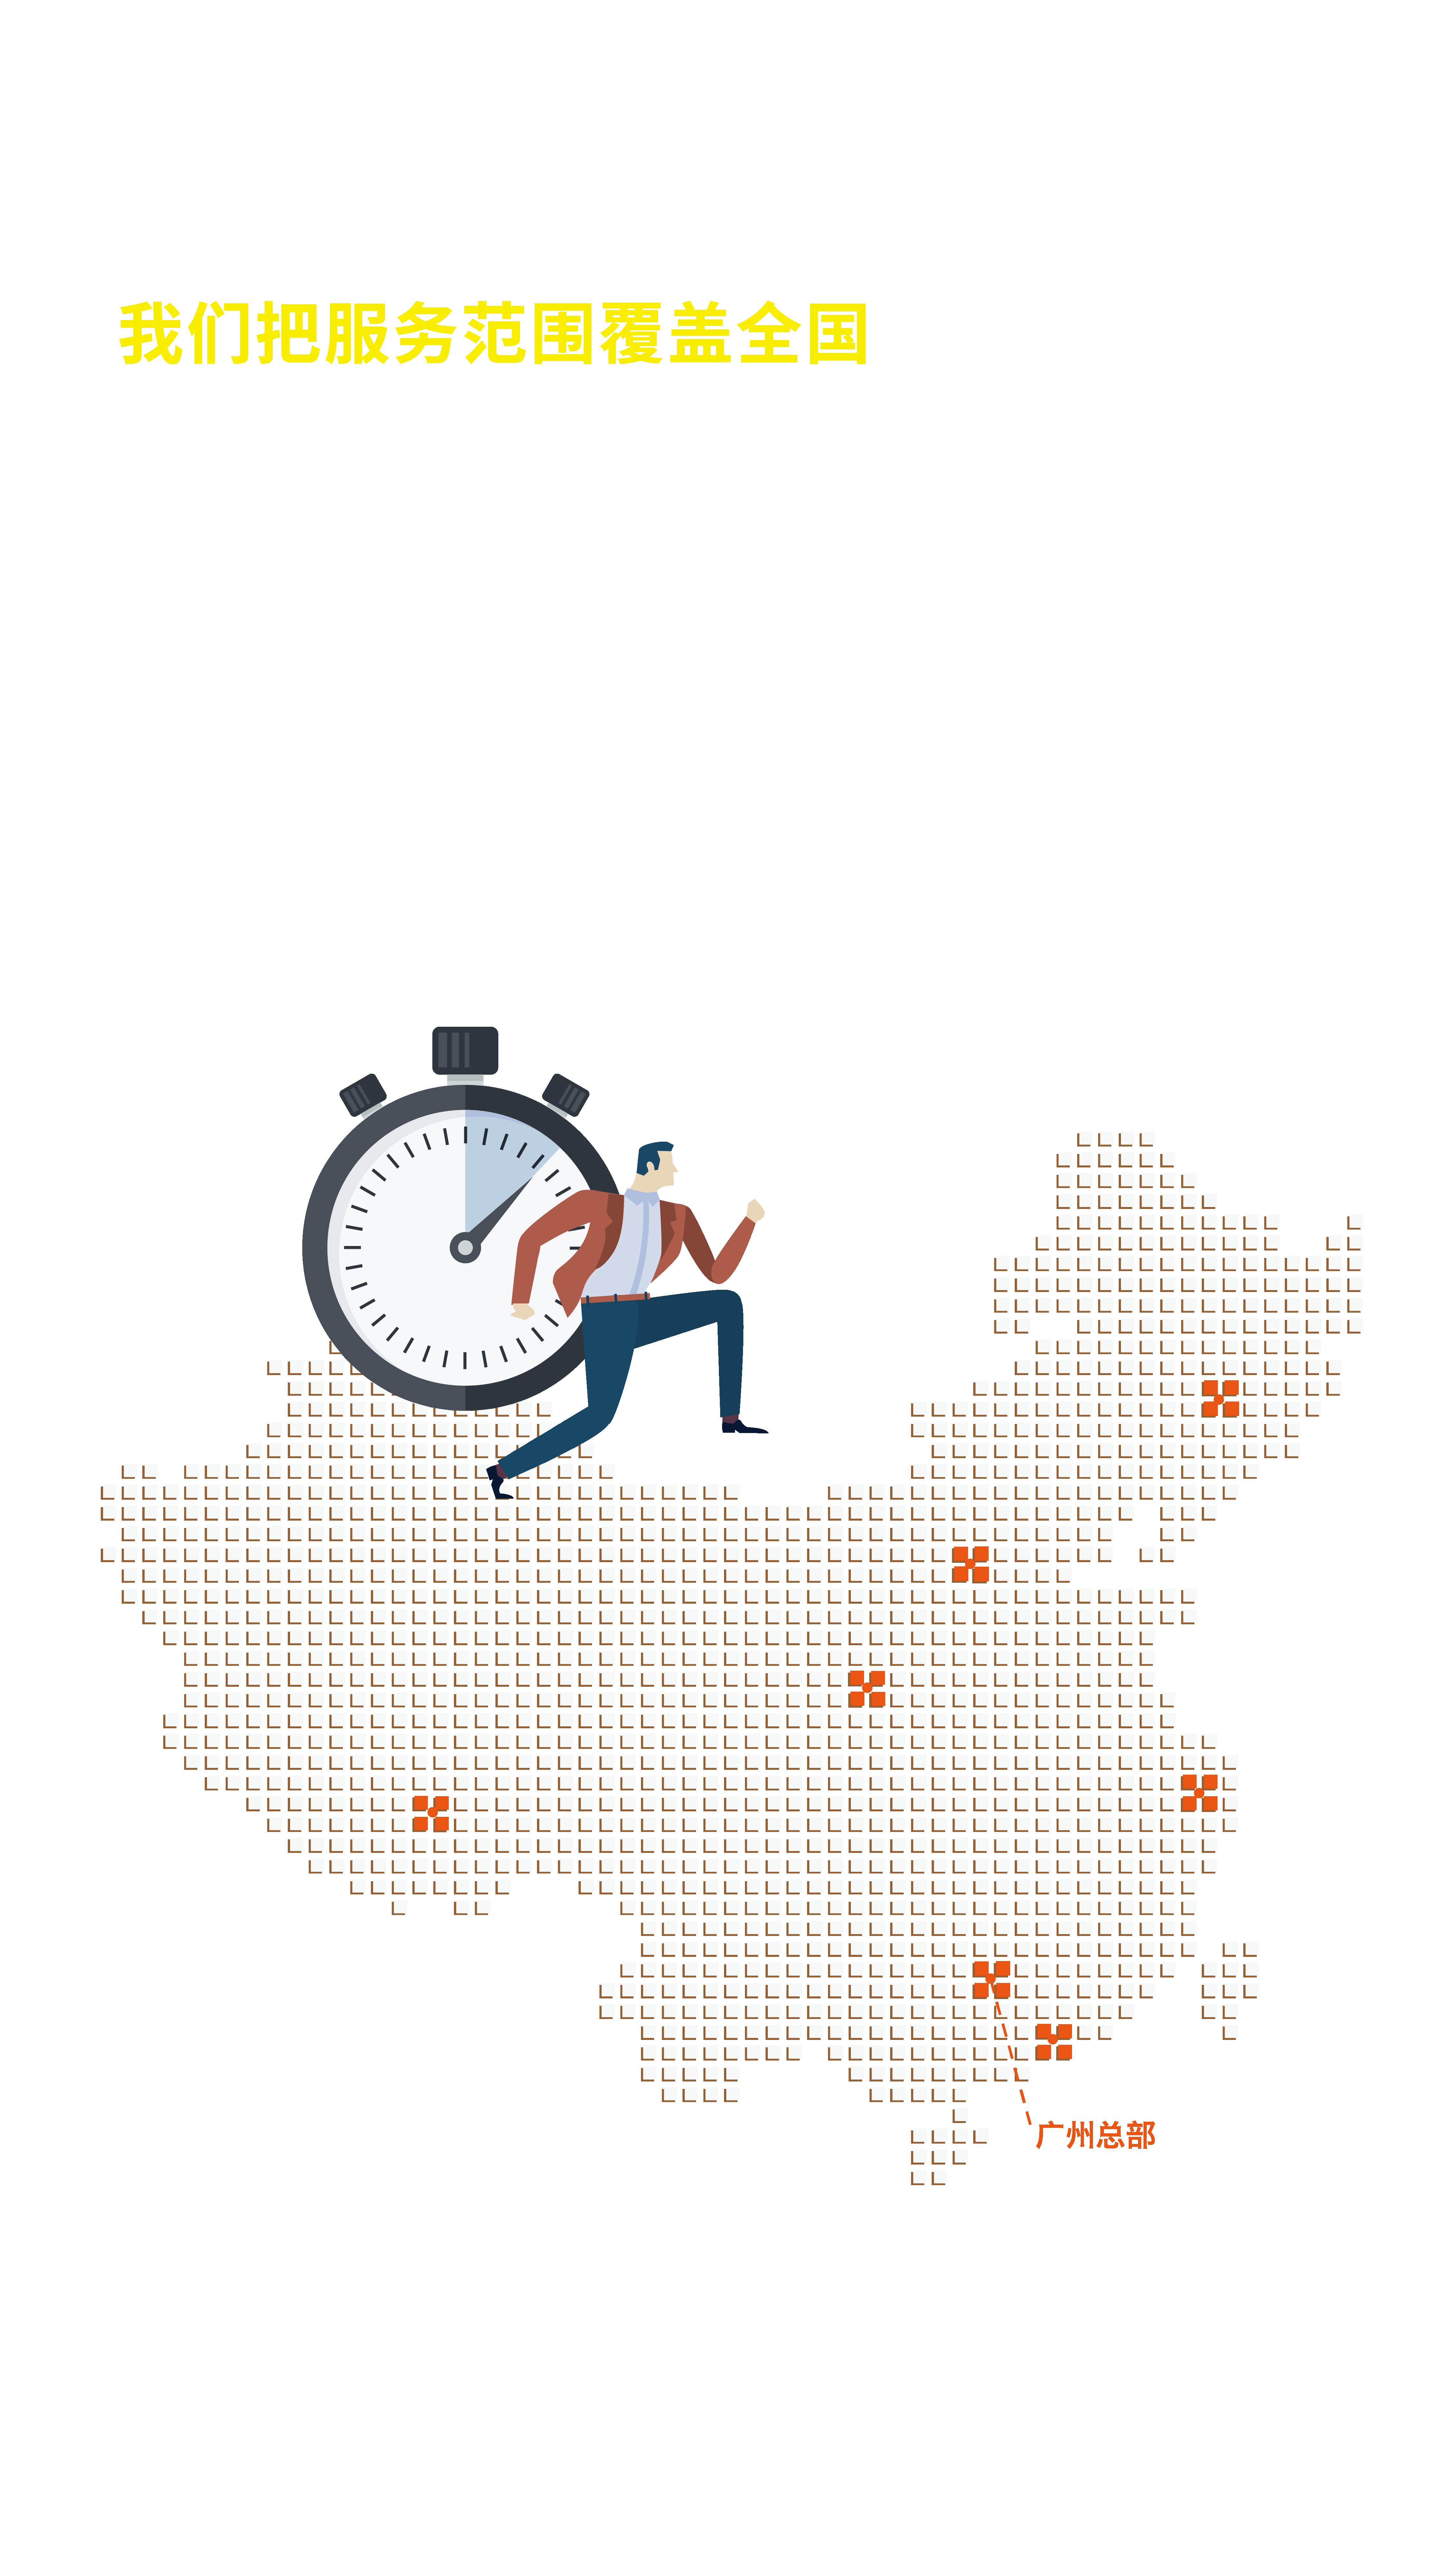 永利国际官网2018年度报告手机海报-02